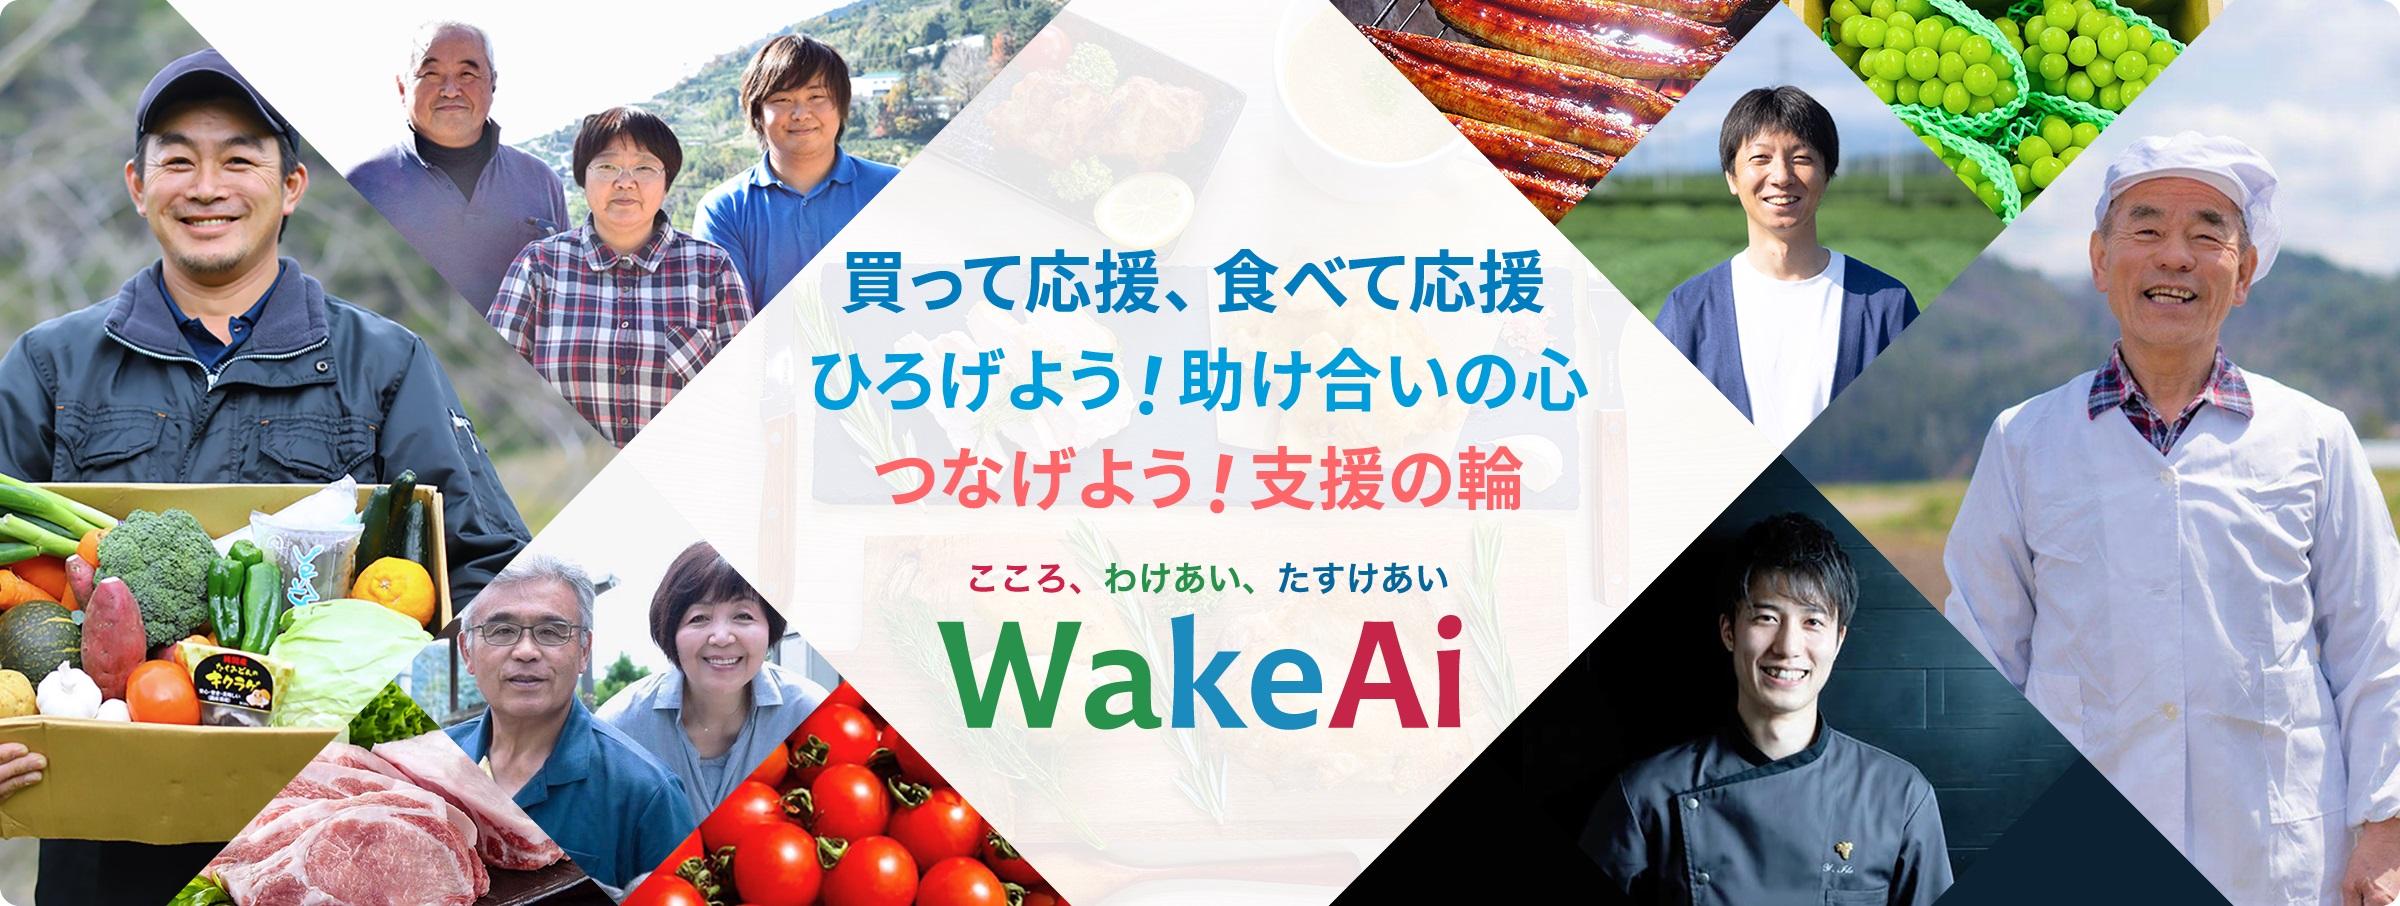 「買って応援!食べて応援!」 フードロス削減を目指す「WakeAi」のキャンペーン